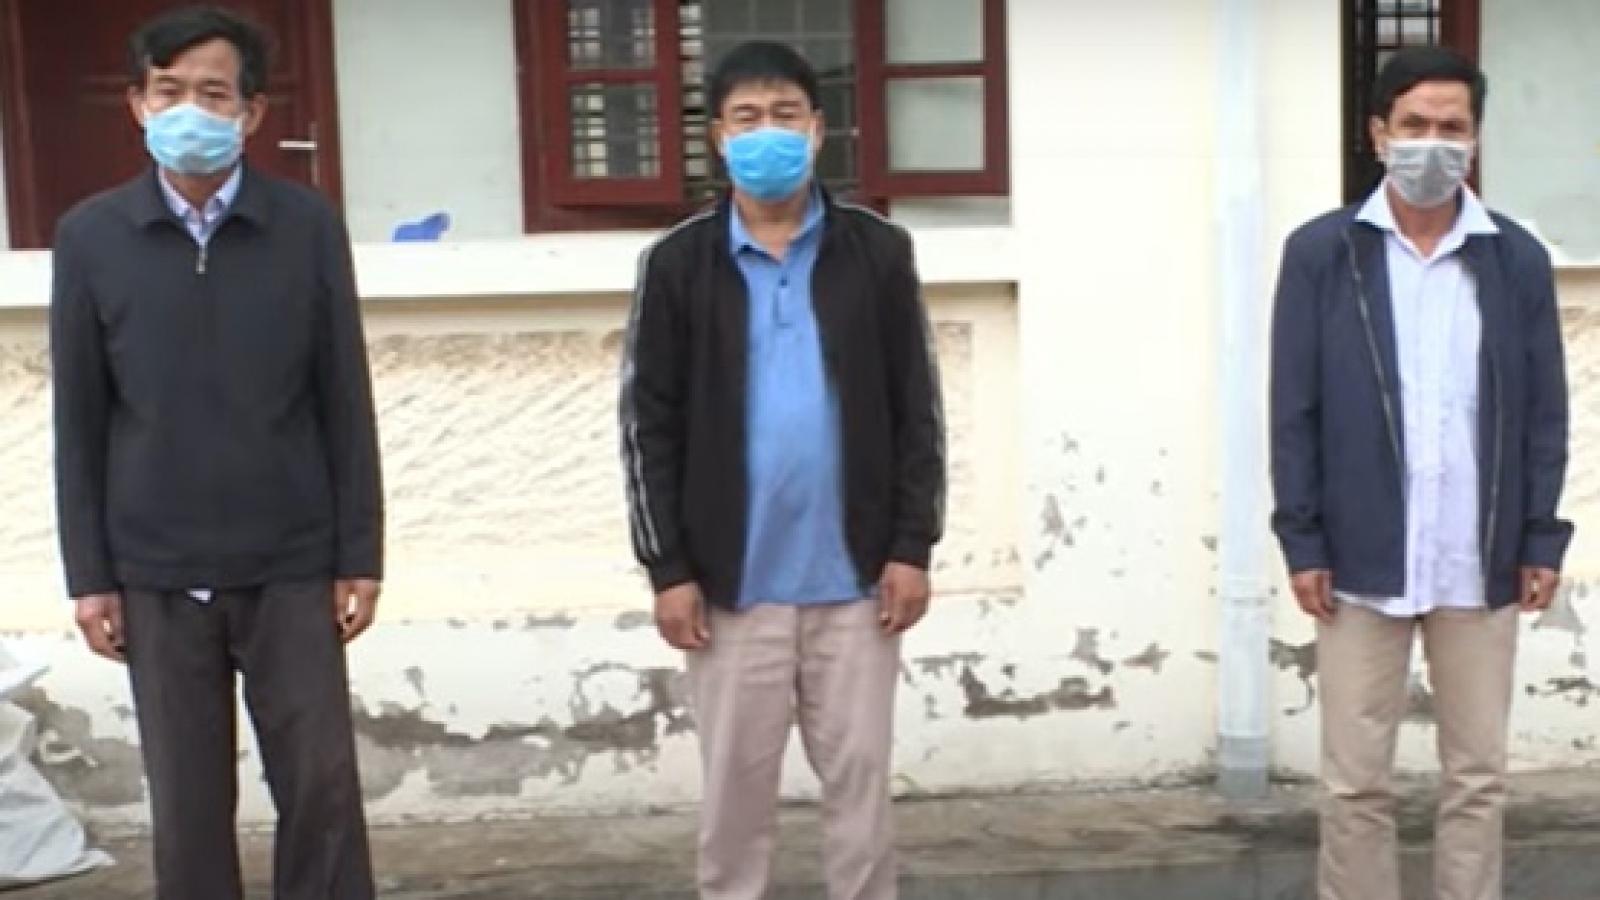 Khởi tố nguyên Phó Chủ tịch huyện Yên Phong, tỉnh Bắc Ninh